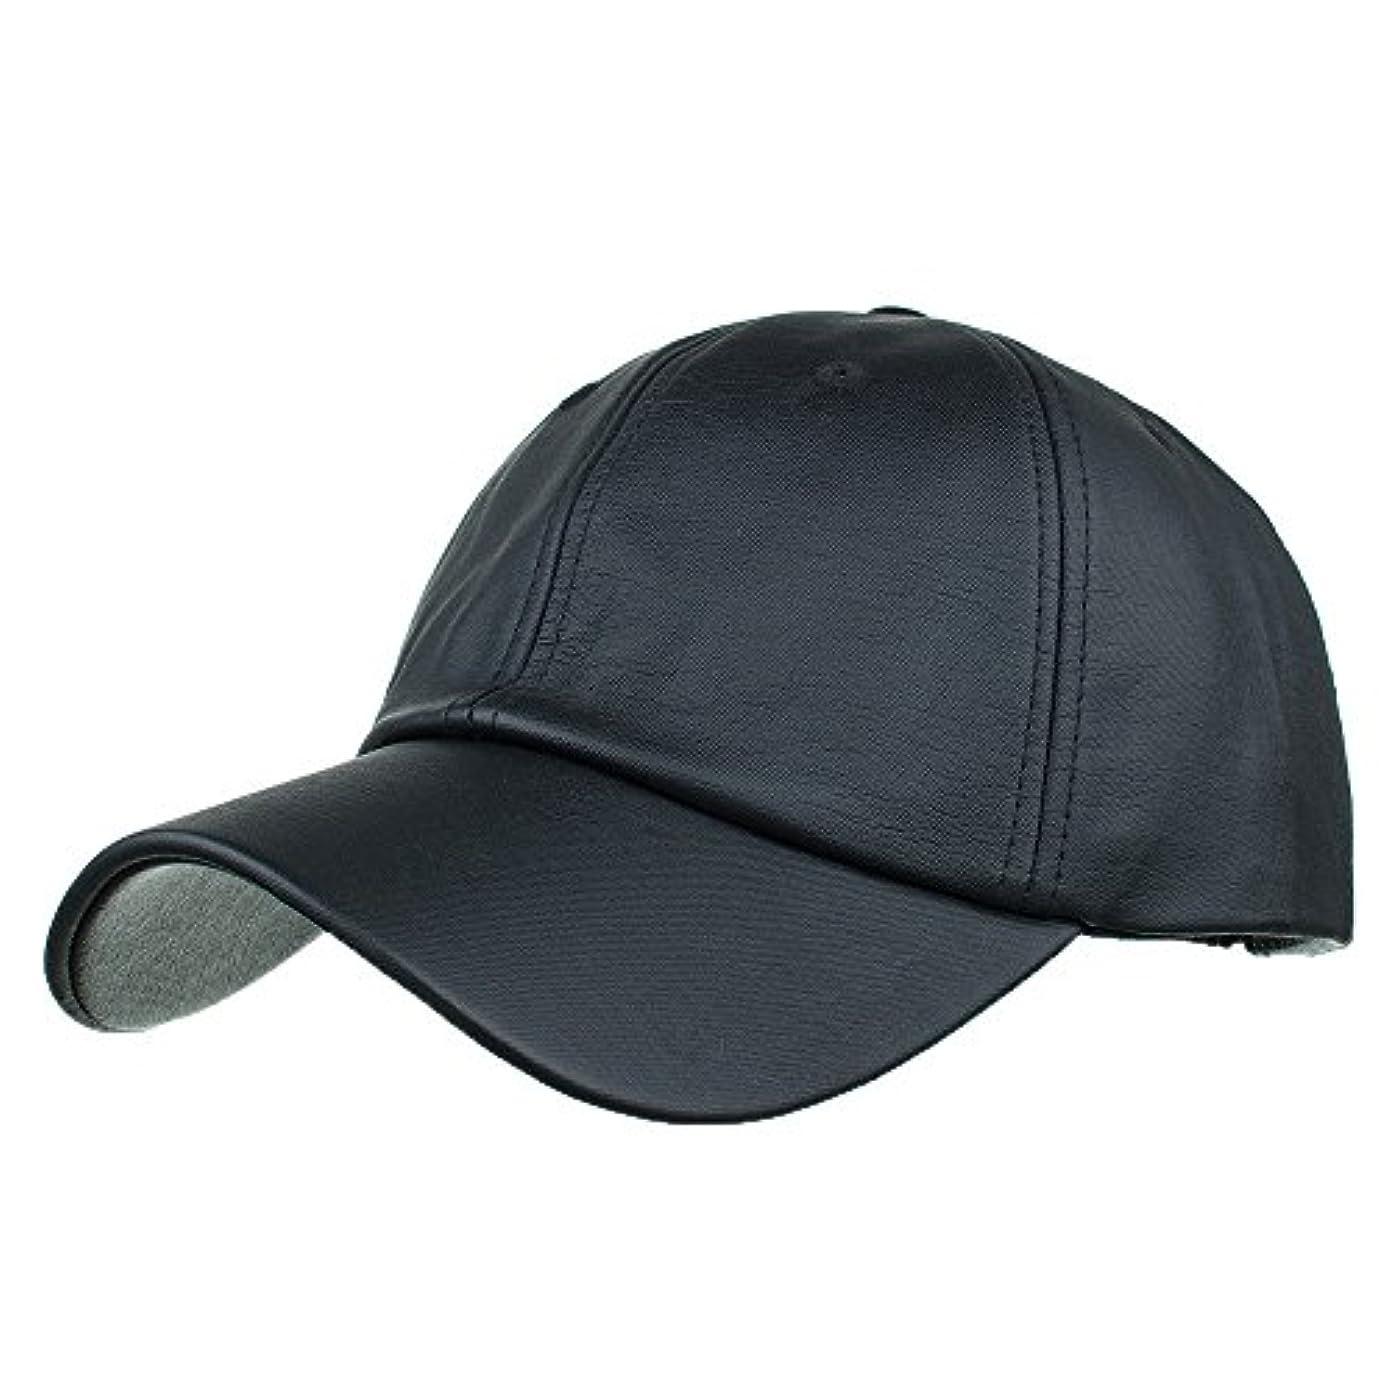 気味の悪いリークファイアルRacazing Cap PU 無地 ヒップホップ 野球帽 通気性のある 帽子 夏 登山 可調整可能 棒球帽 UV 帽子 軽量 屋外 Unisex Hat (黒)